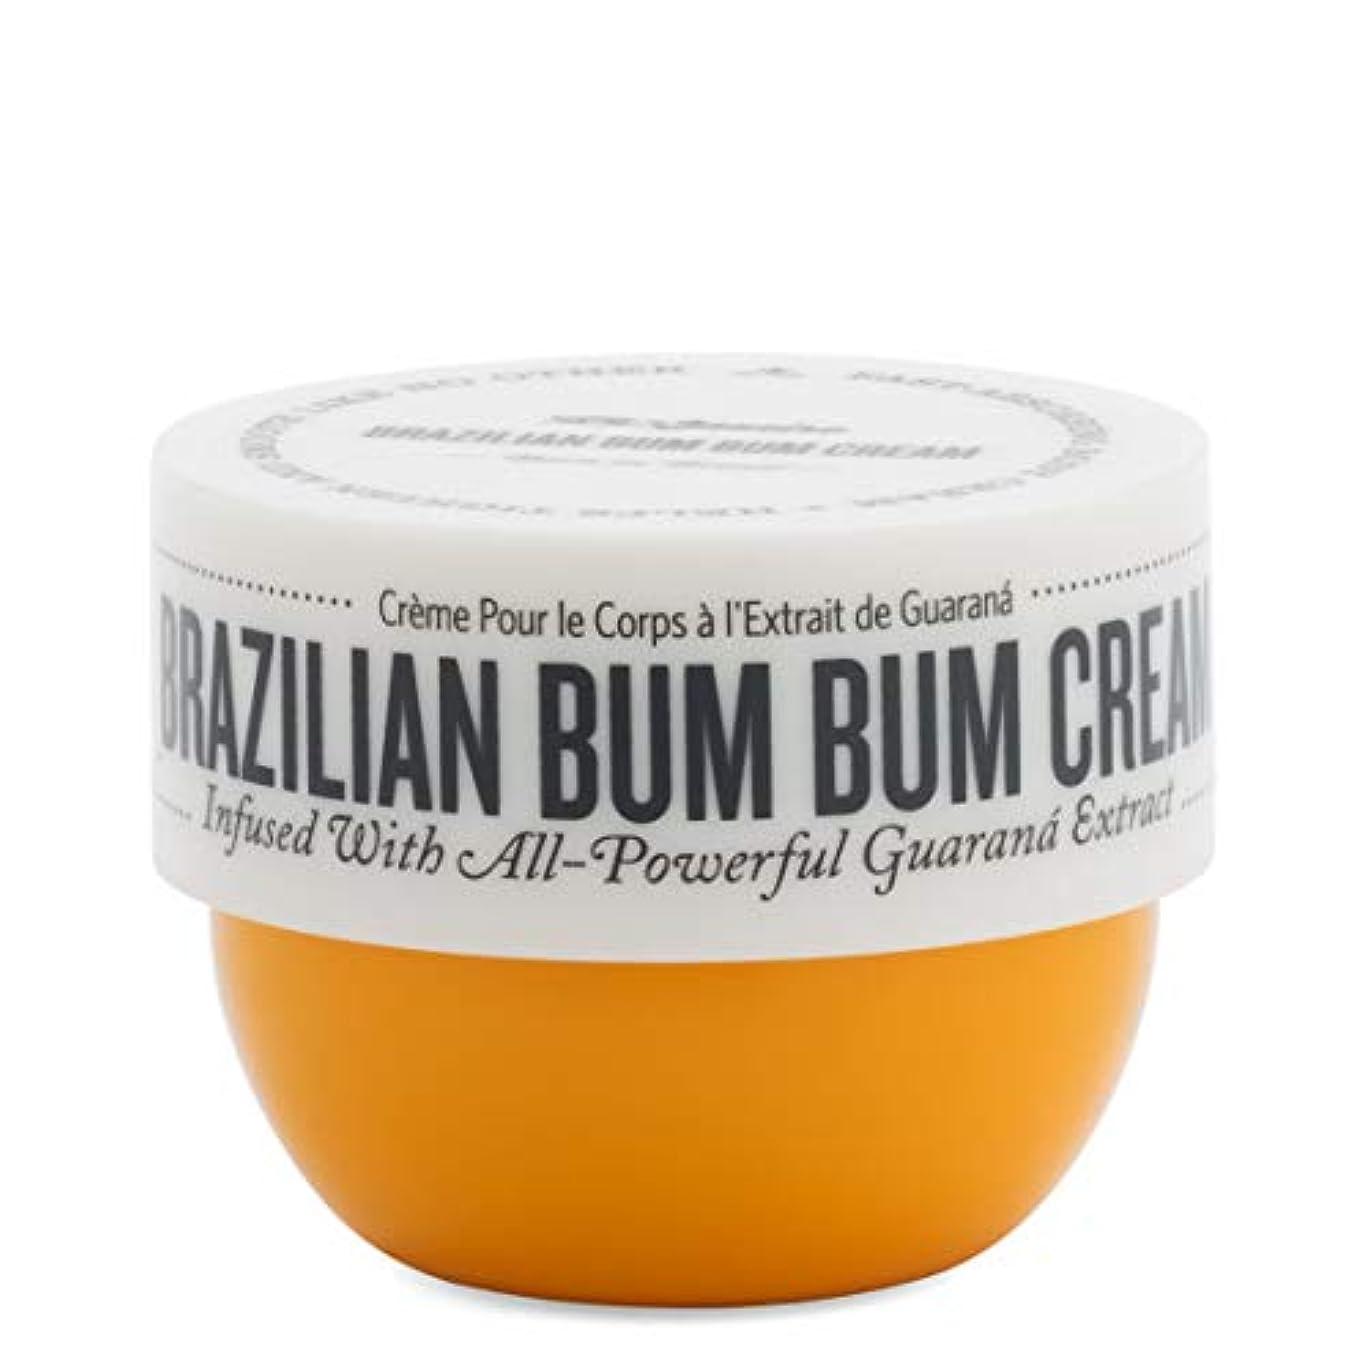 ペダル司教グリット《 ブラジリアン ブンブンクリーム 》Brazilian BUM BUM Cream (74ml)